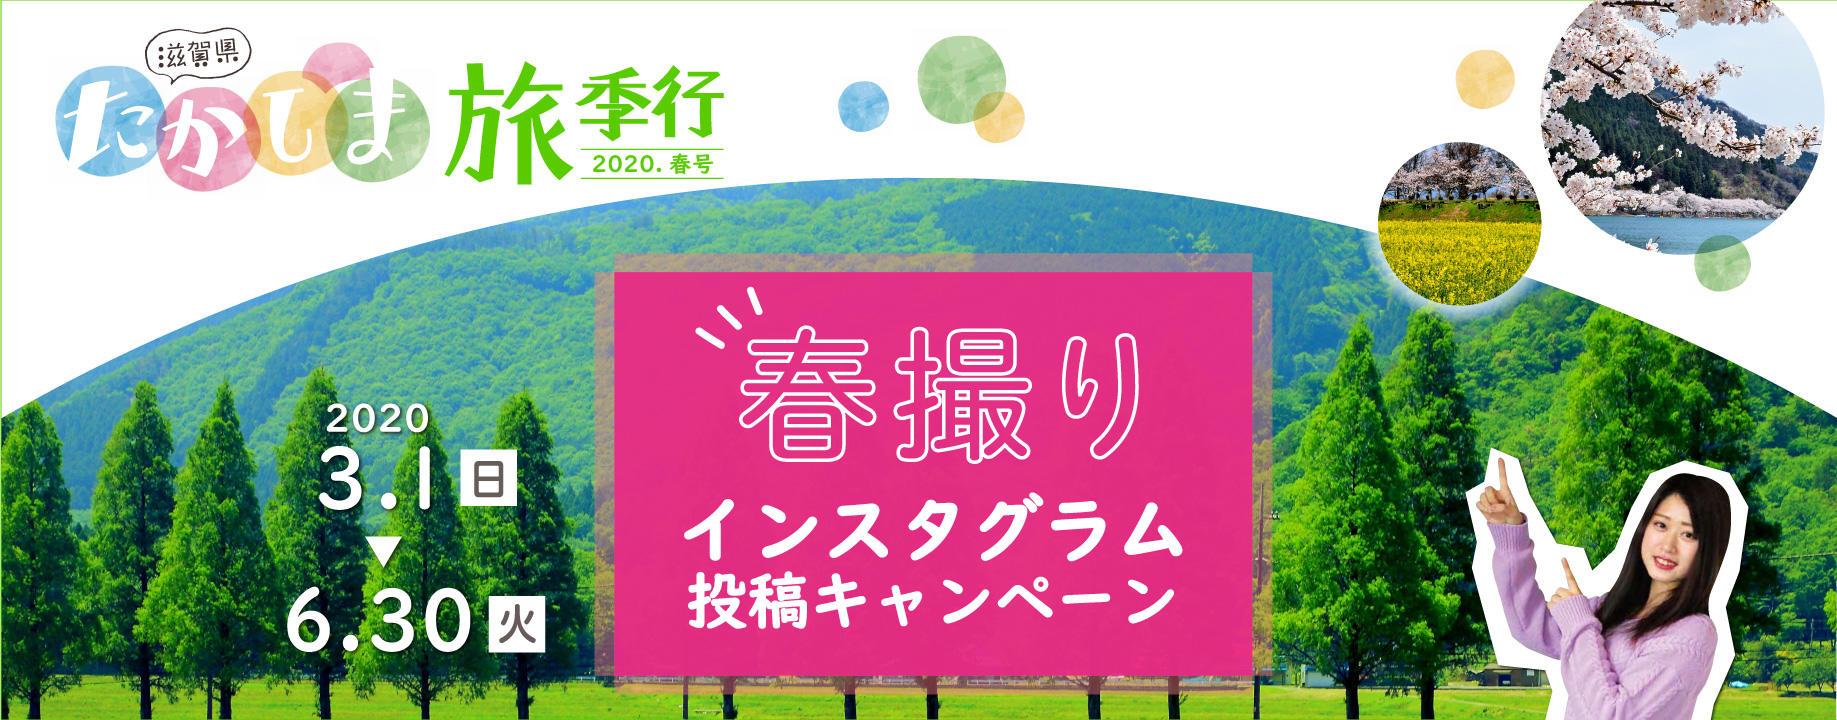 春撮りインスタグラム「#高島の春2020」投稿キャンペーン